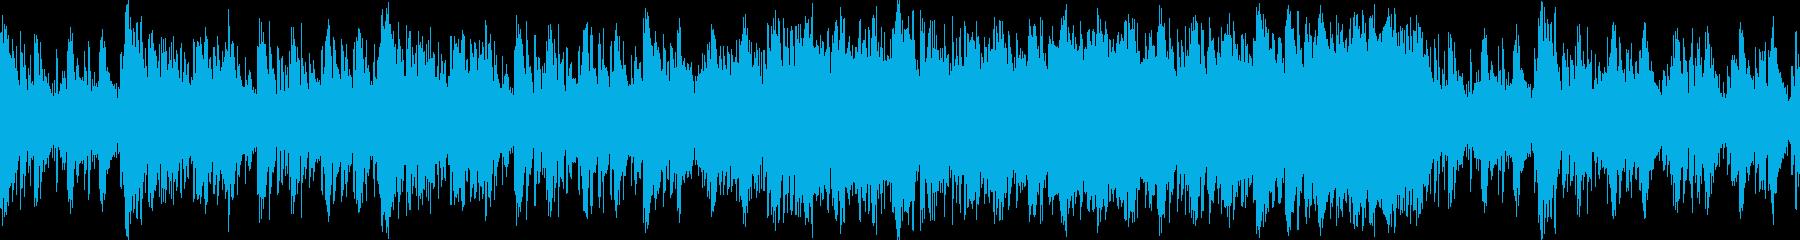 ムーディでちょっとだけブルーなラップ調…の再生済みの波形